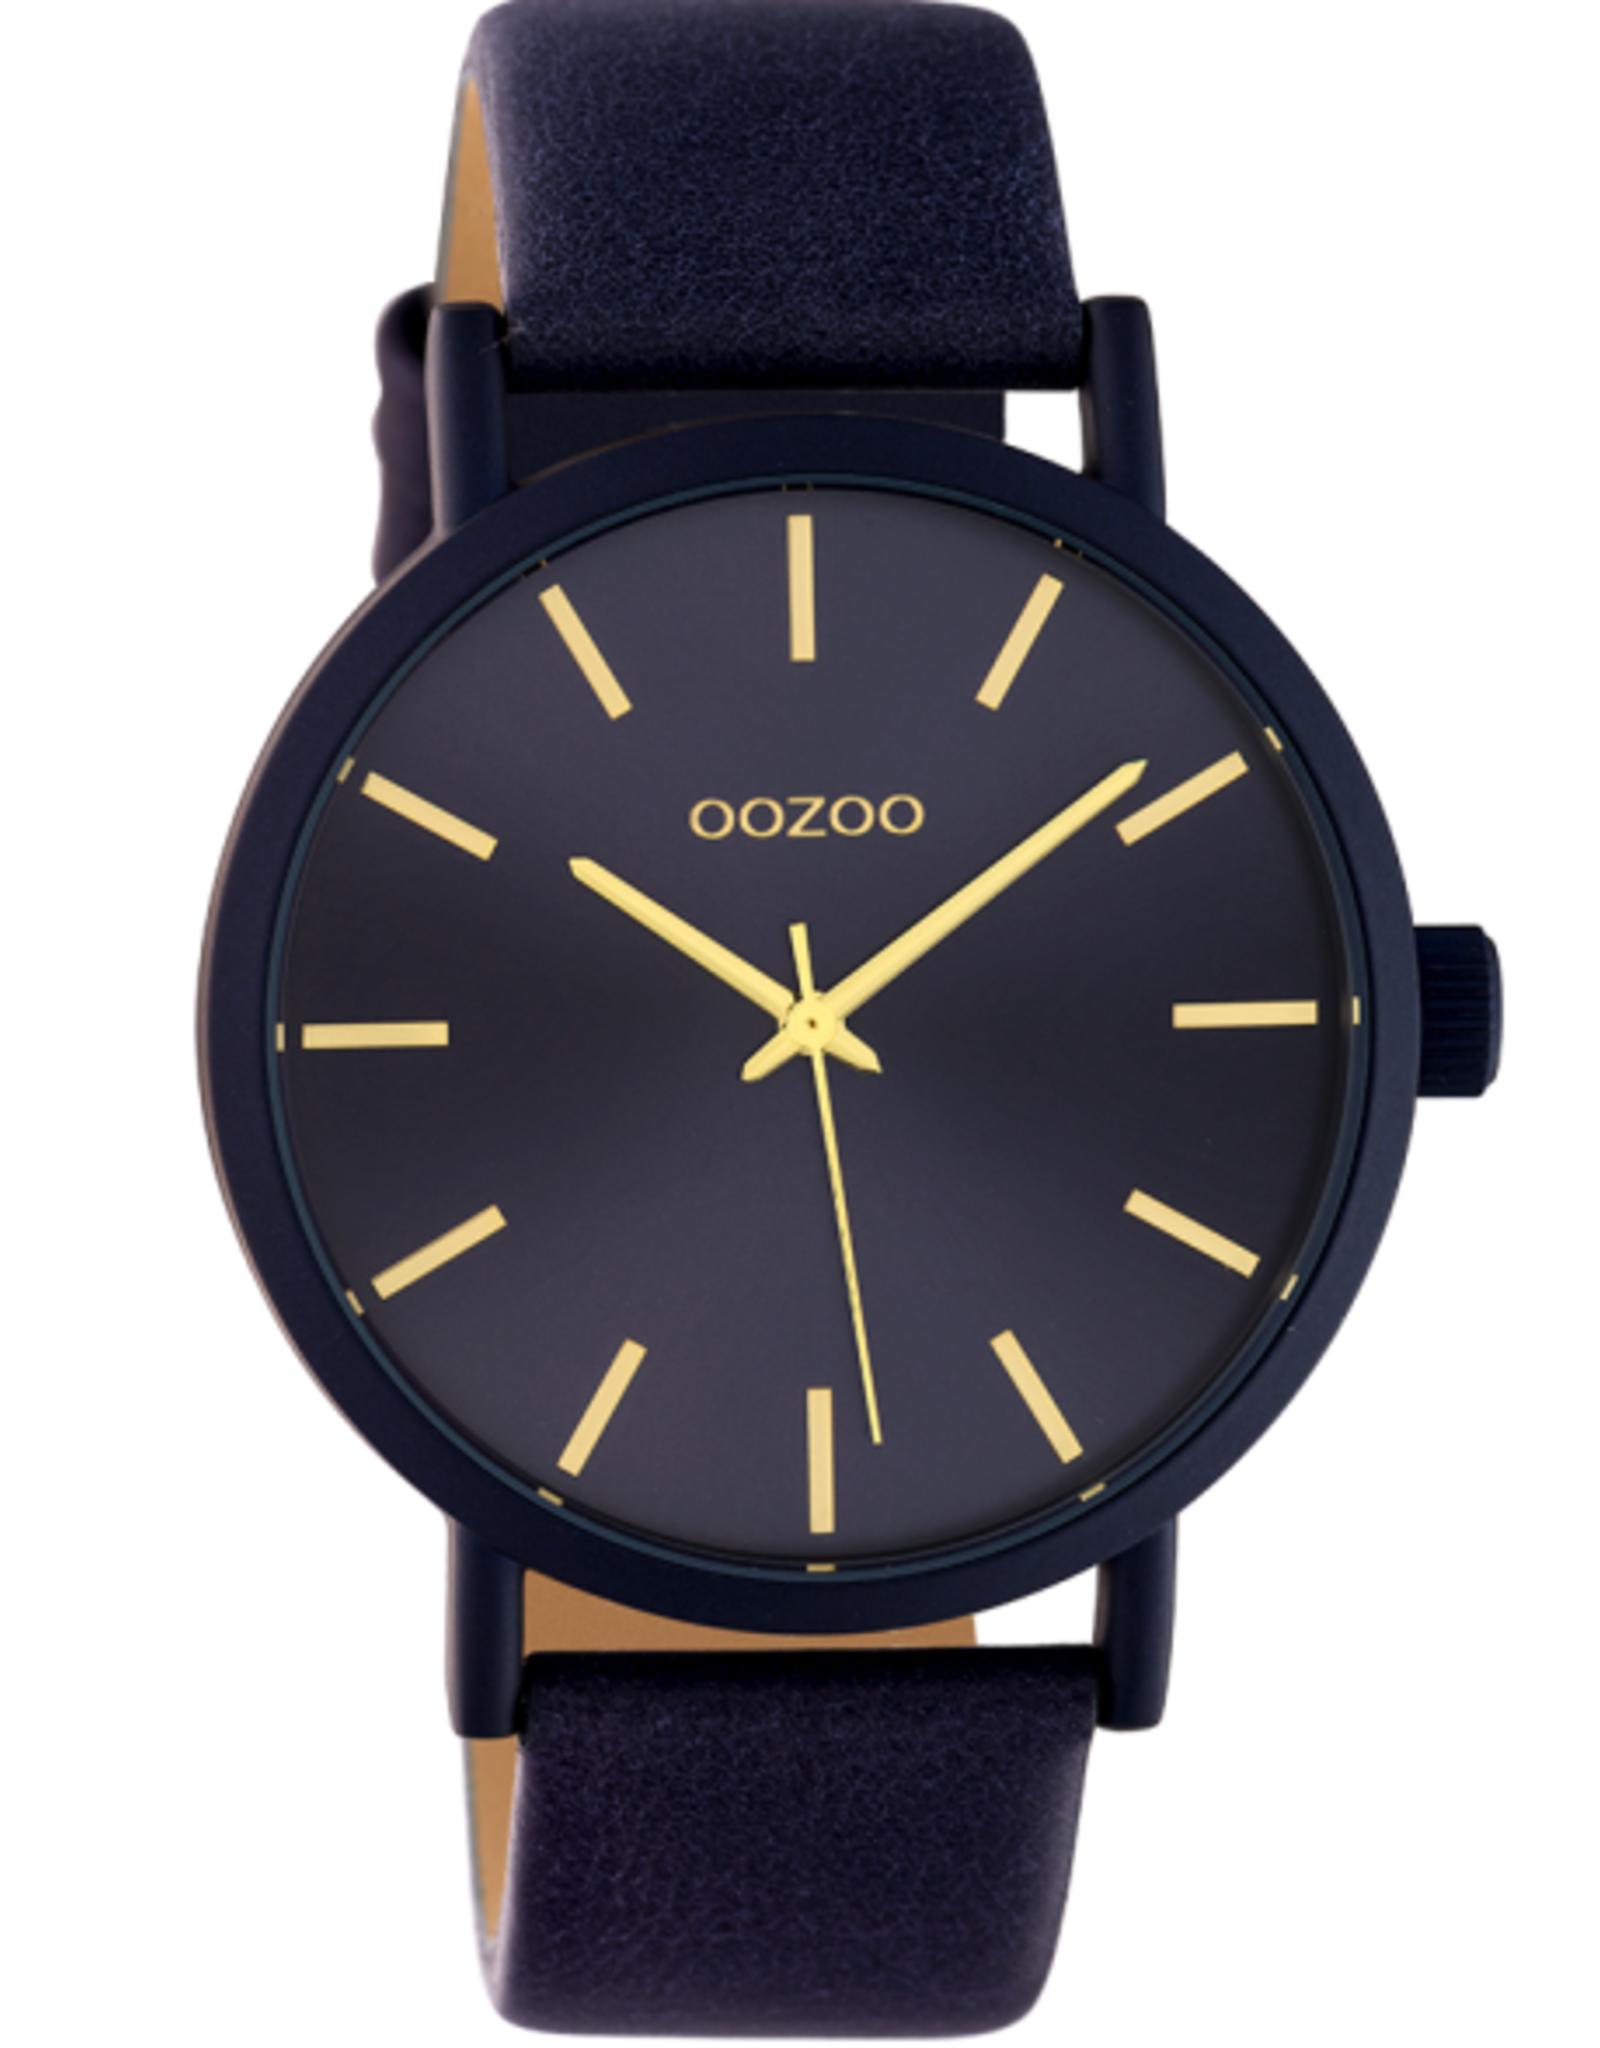 OOZOO Horloge donker blauwgoud 42mm C10454 OOZOO